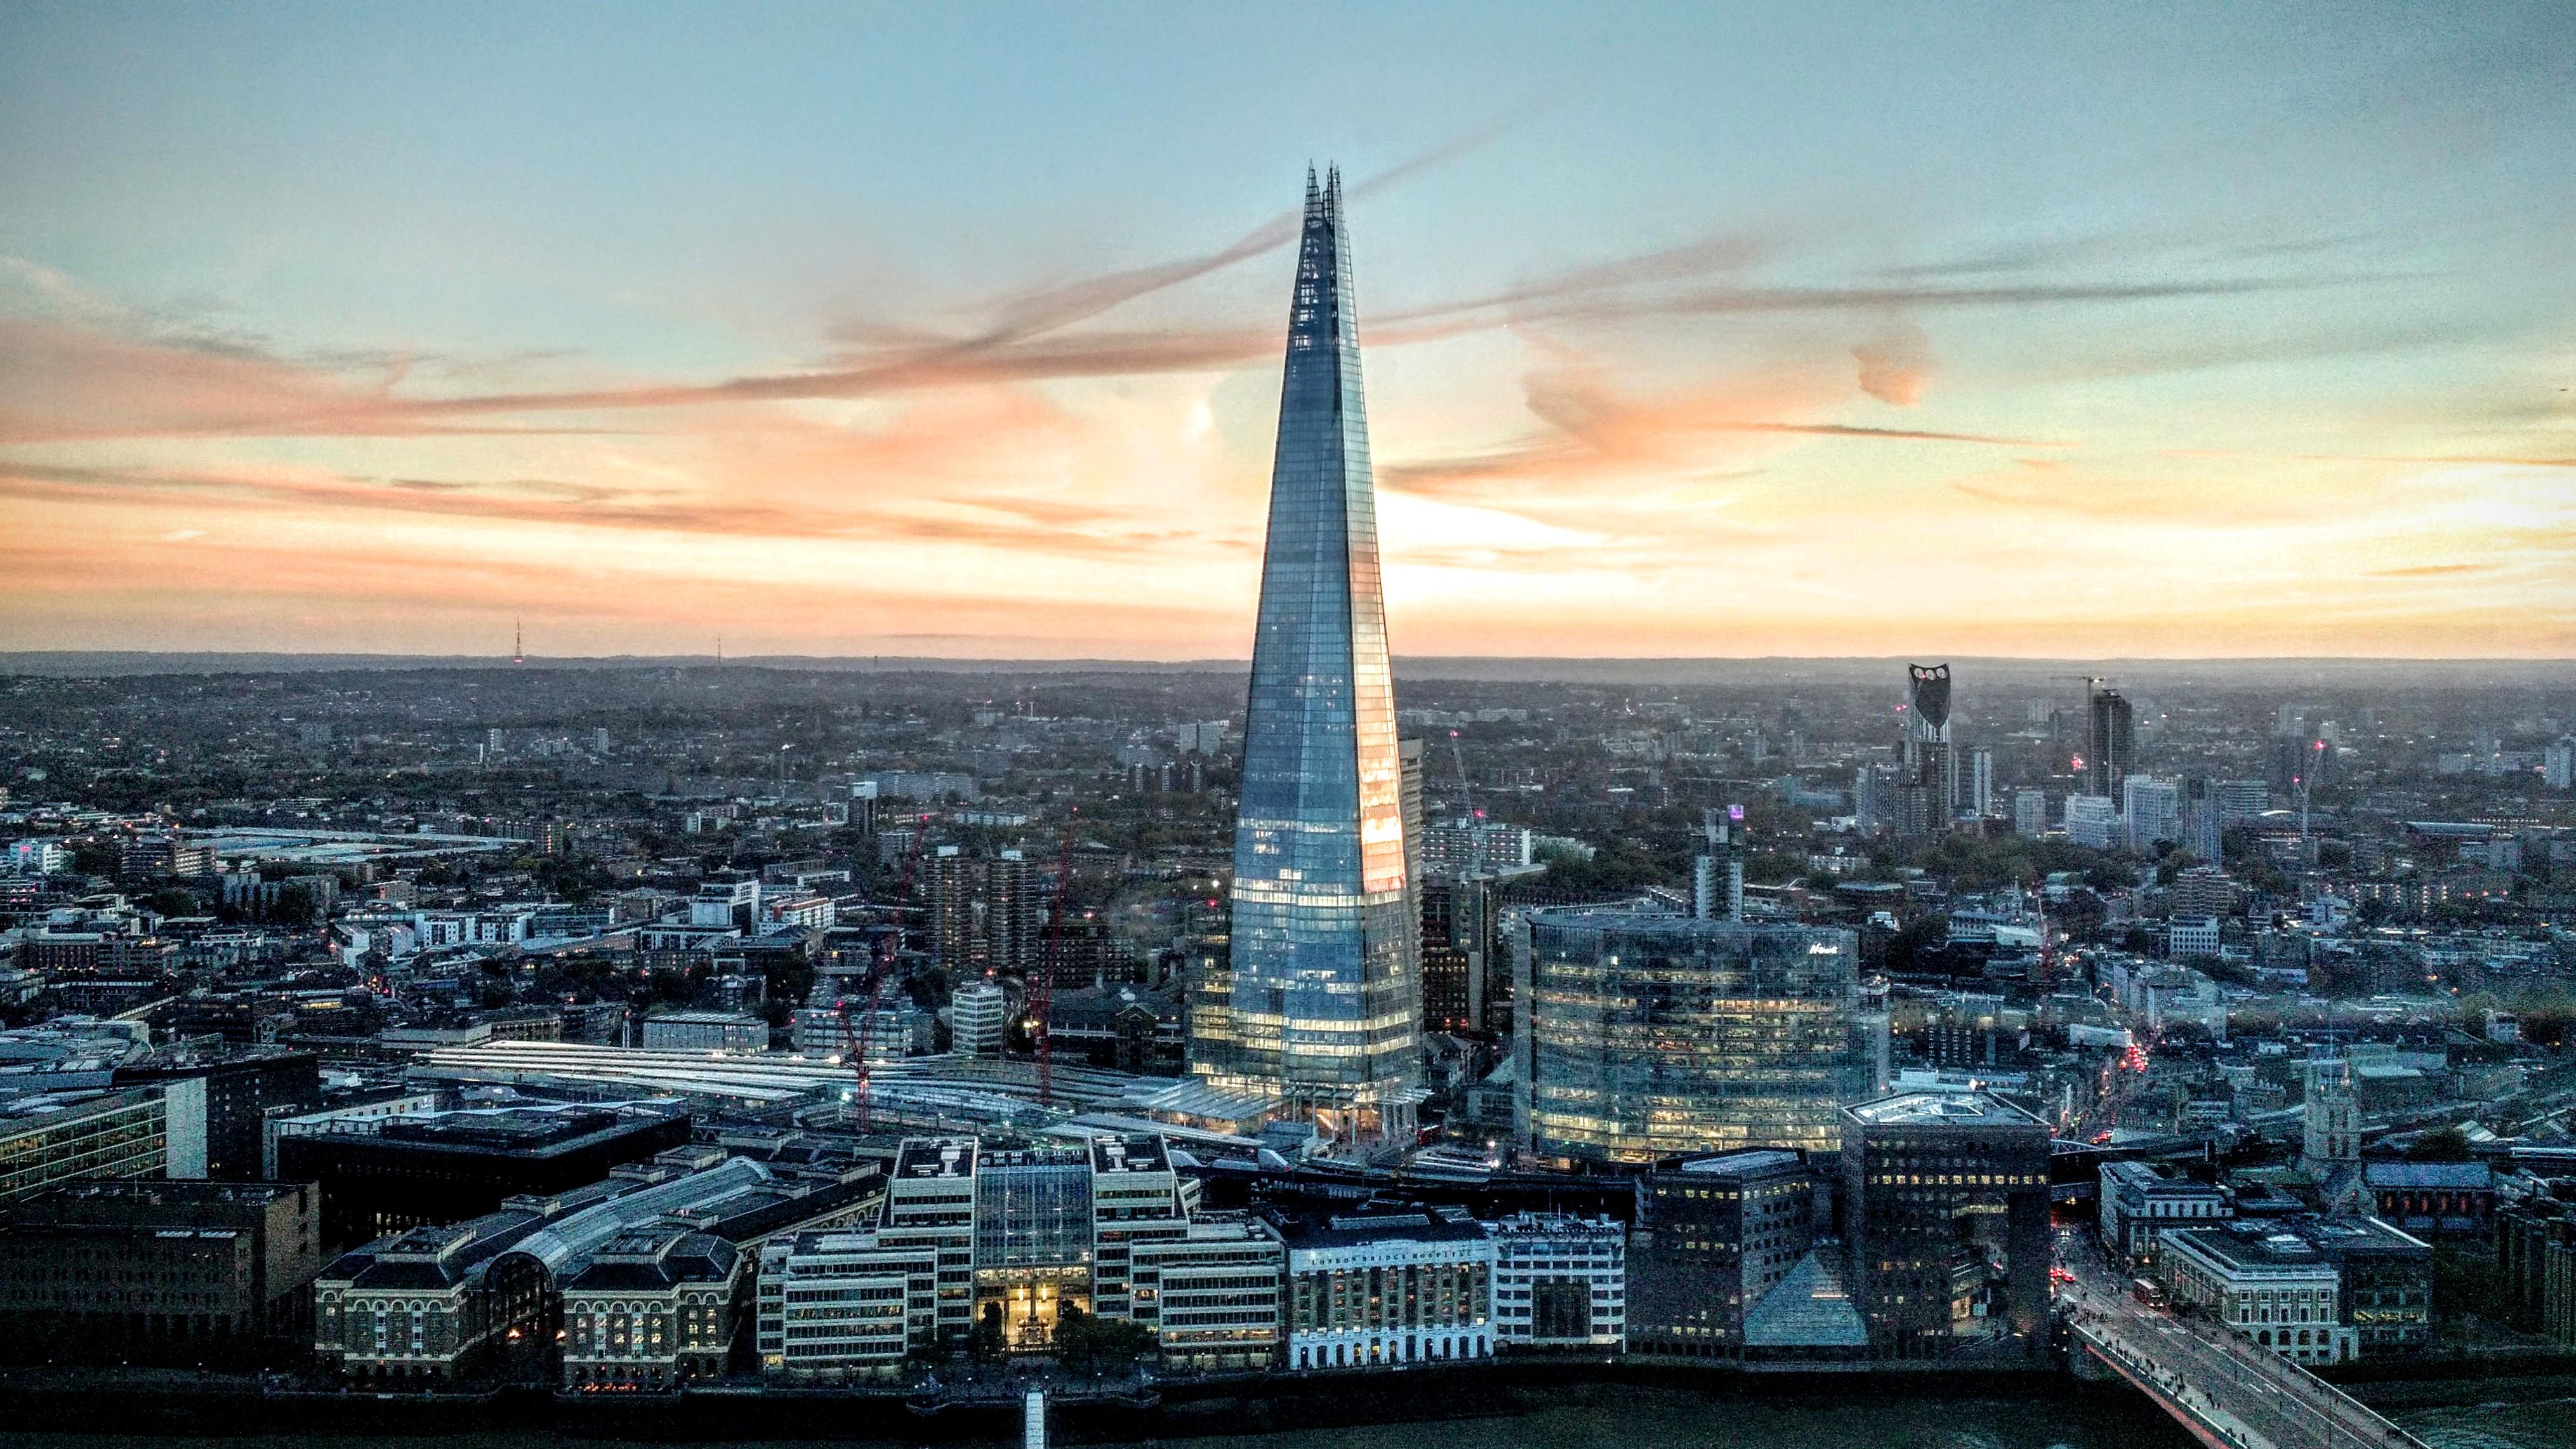 London Shard.jpeg